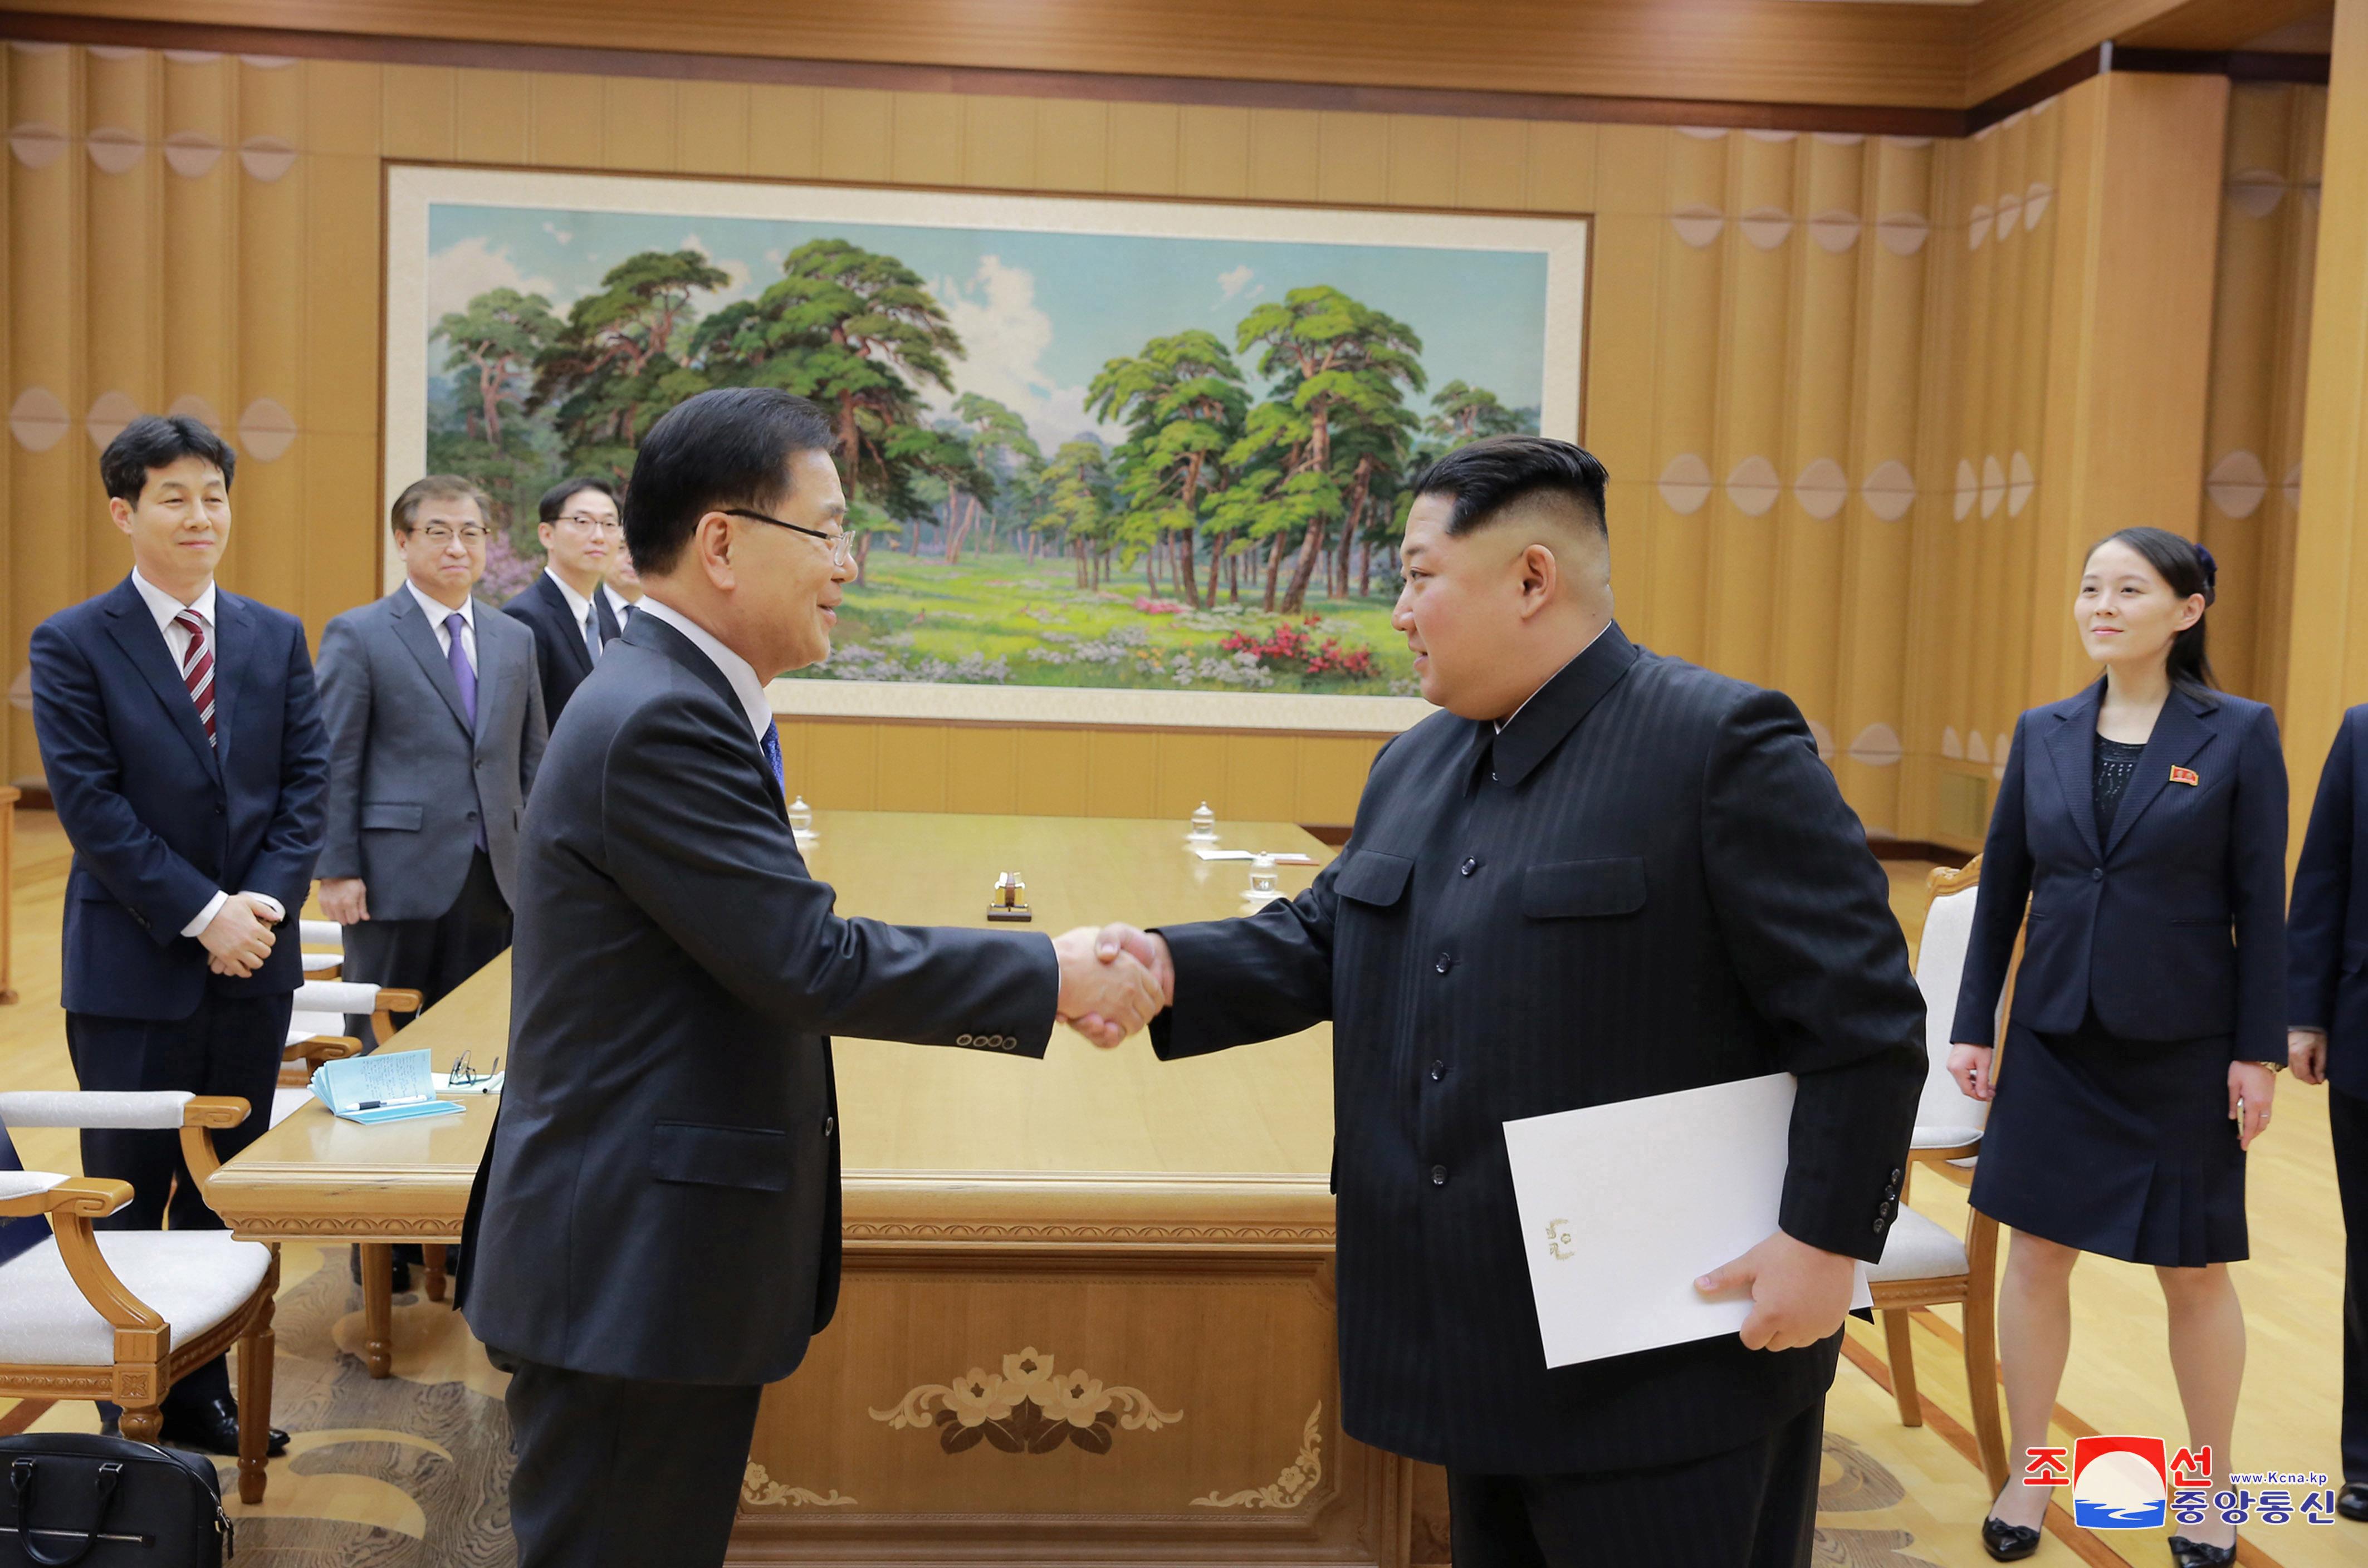 زعيم كوريا الشمالية مع أحد أعضاء وفد كوريا الجنوبية